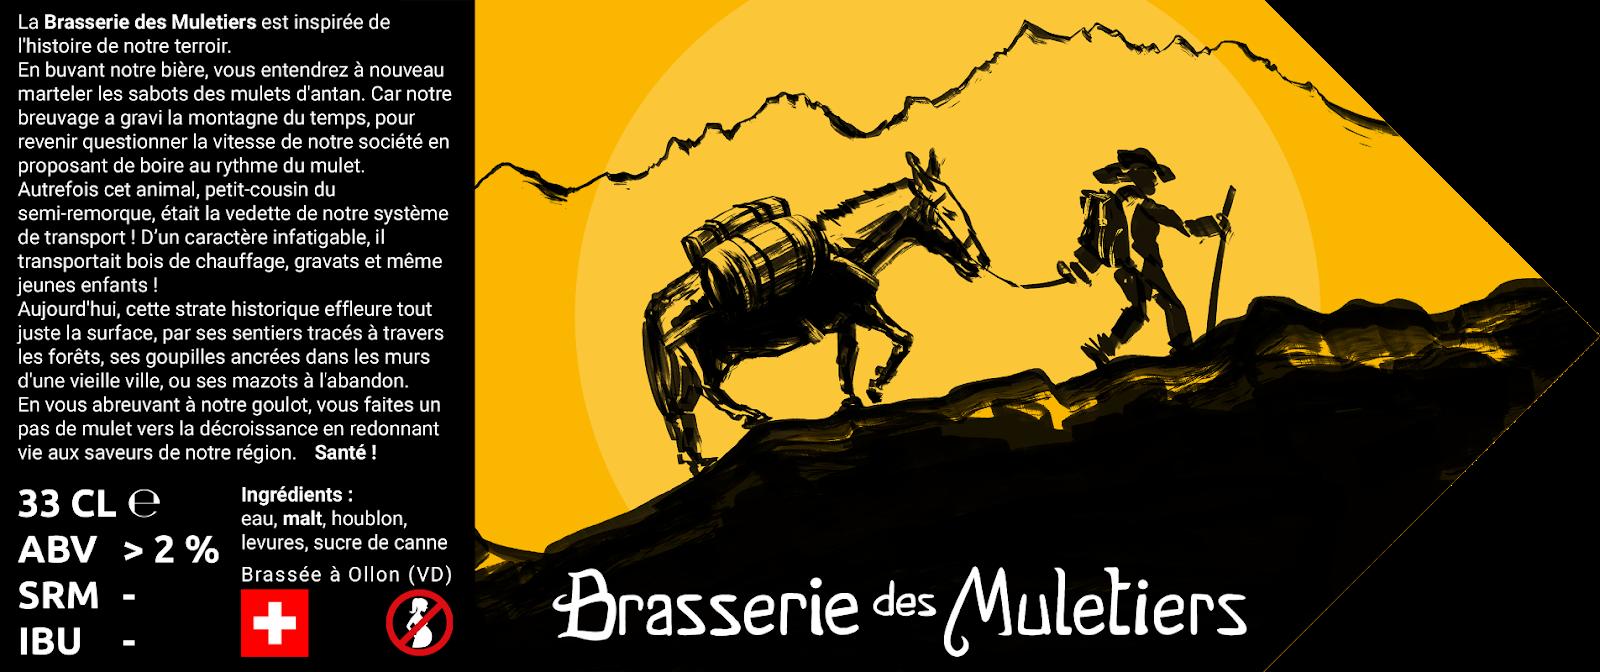 logo étiquette Brasserie des Muletiers